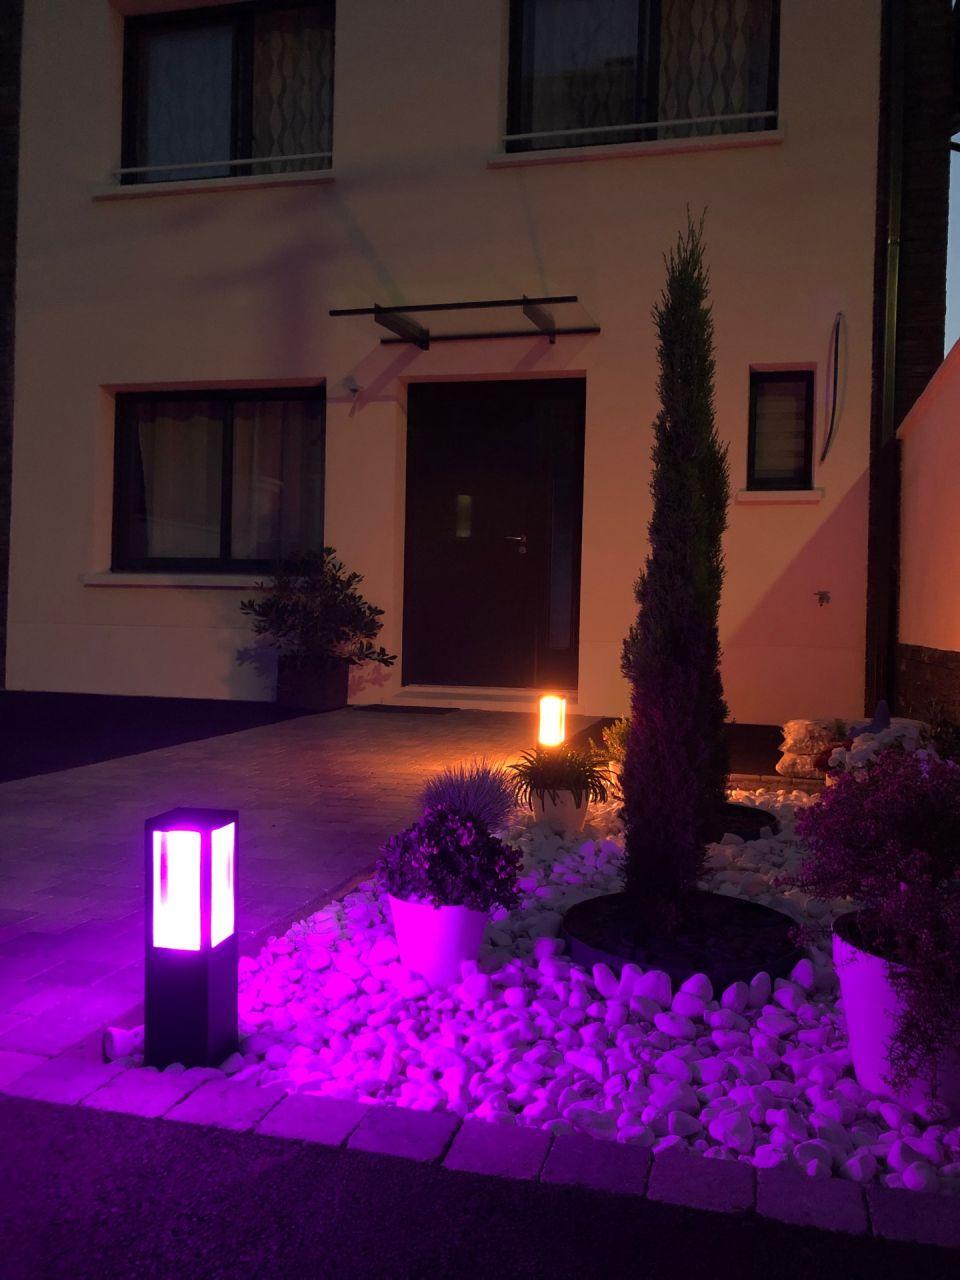 Installation des bornes d'éclairage dans la cour